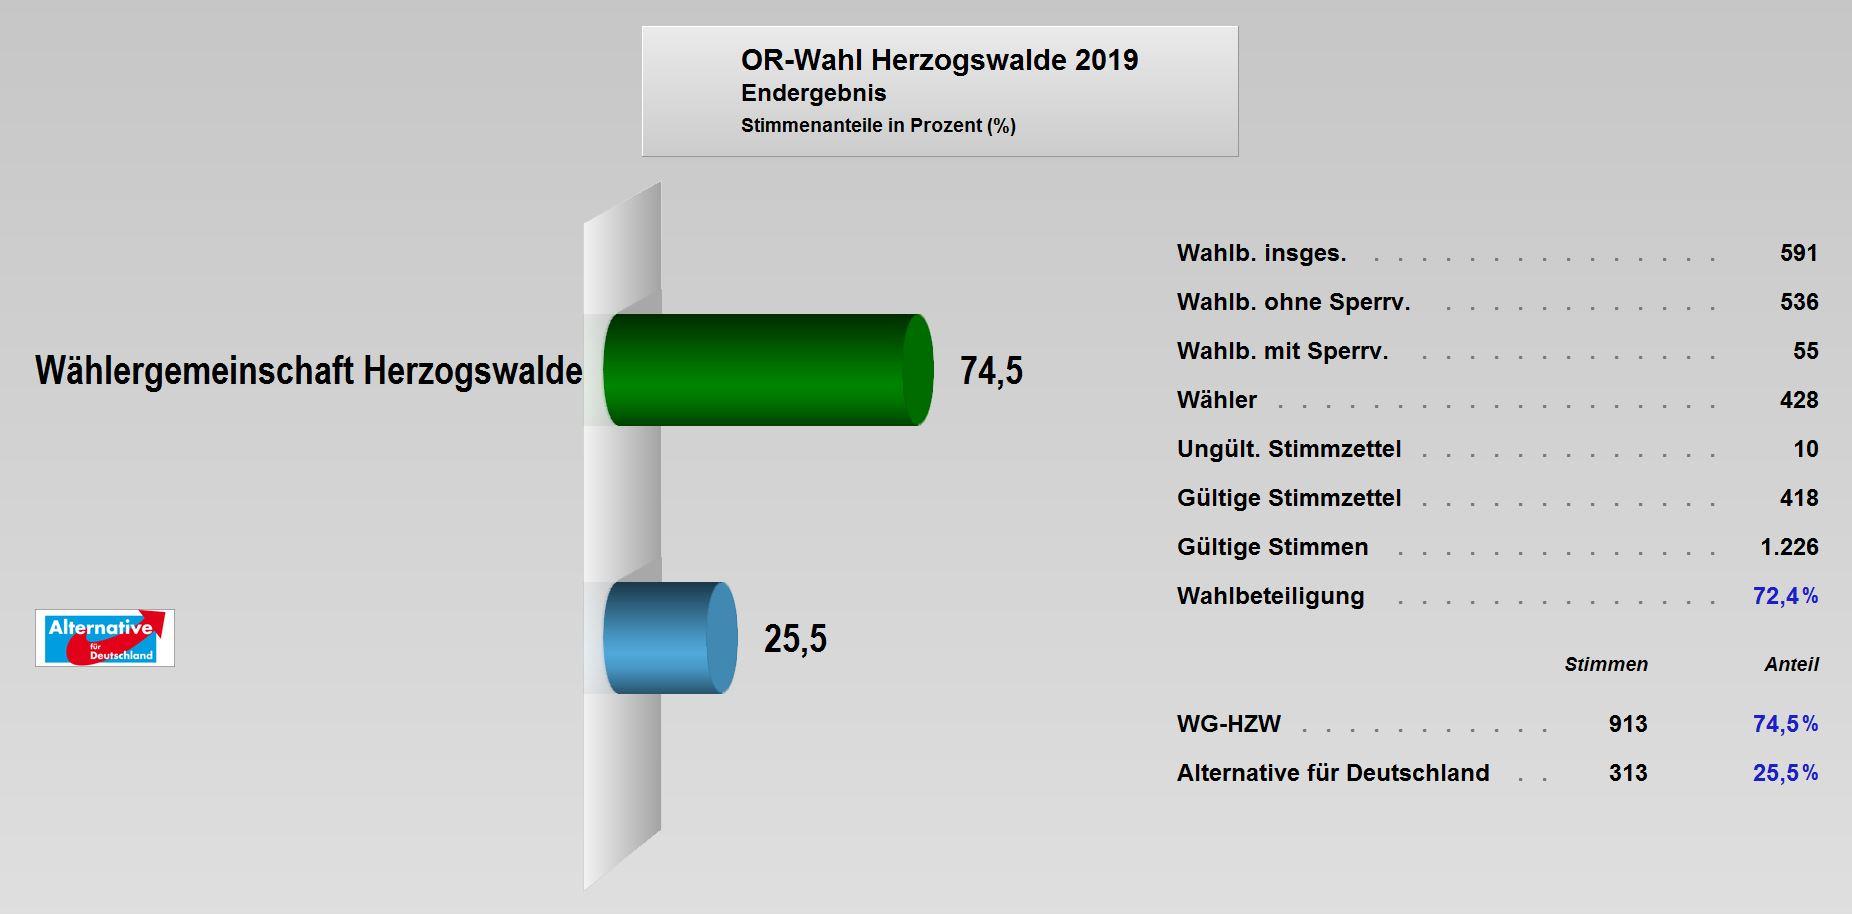 OR-Wahl_2019_Endergebnis_Herzogswalde.JPG